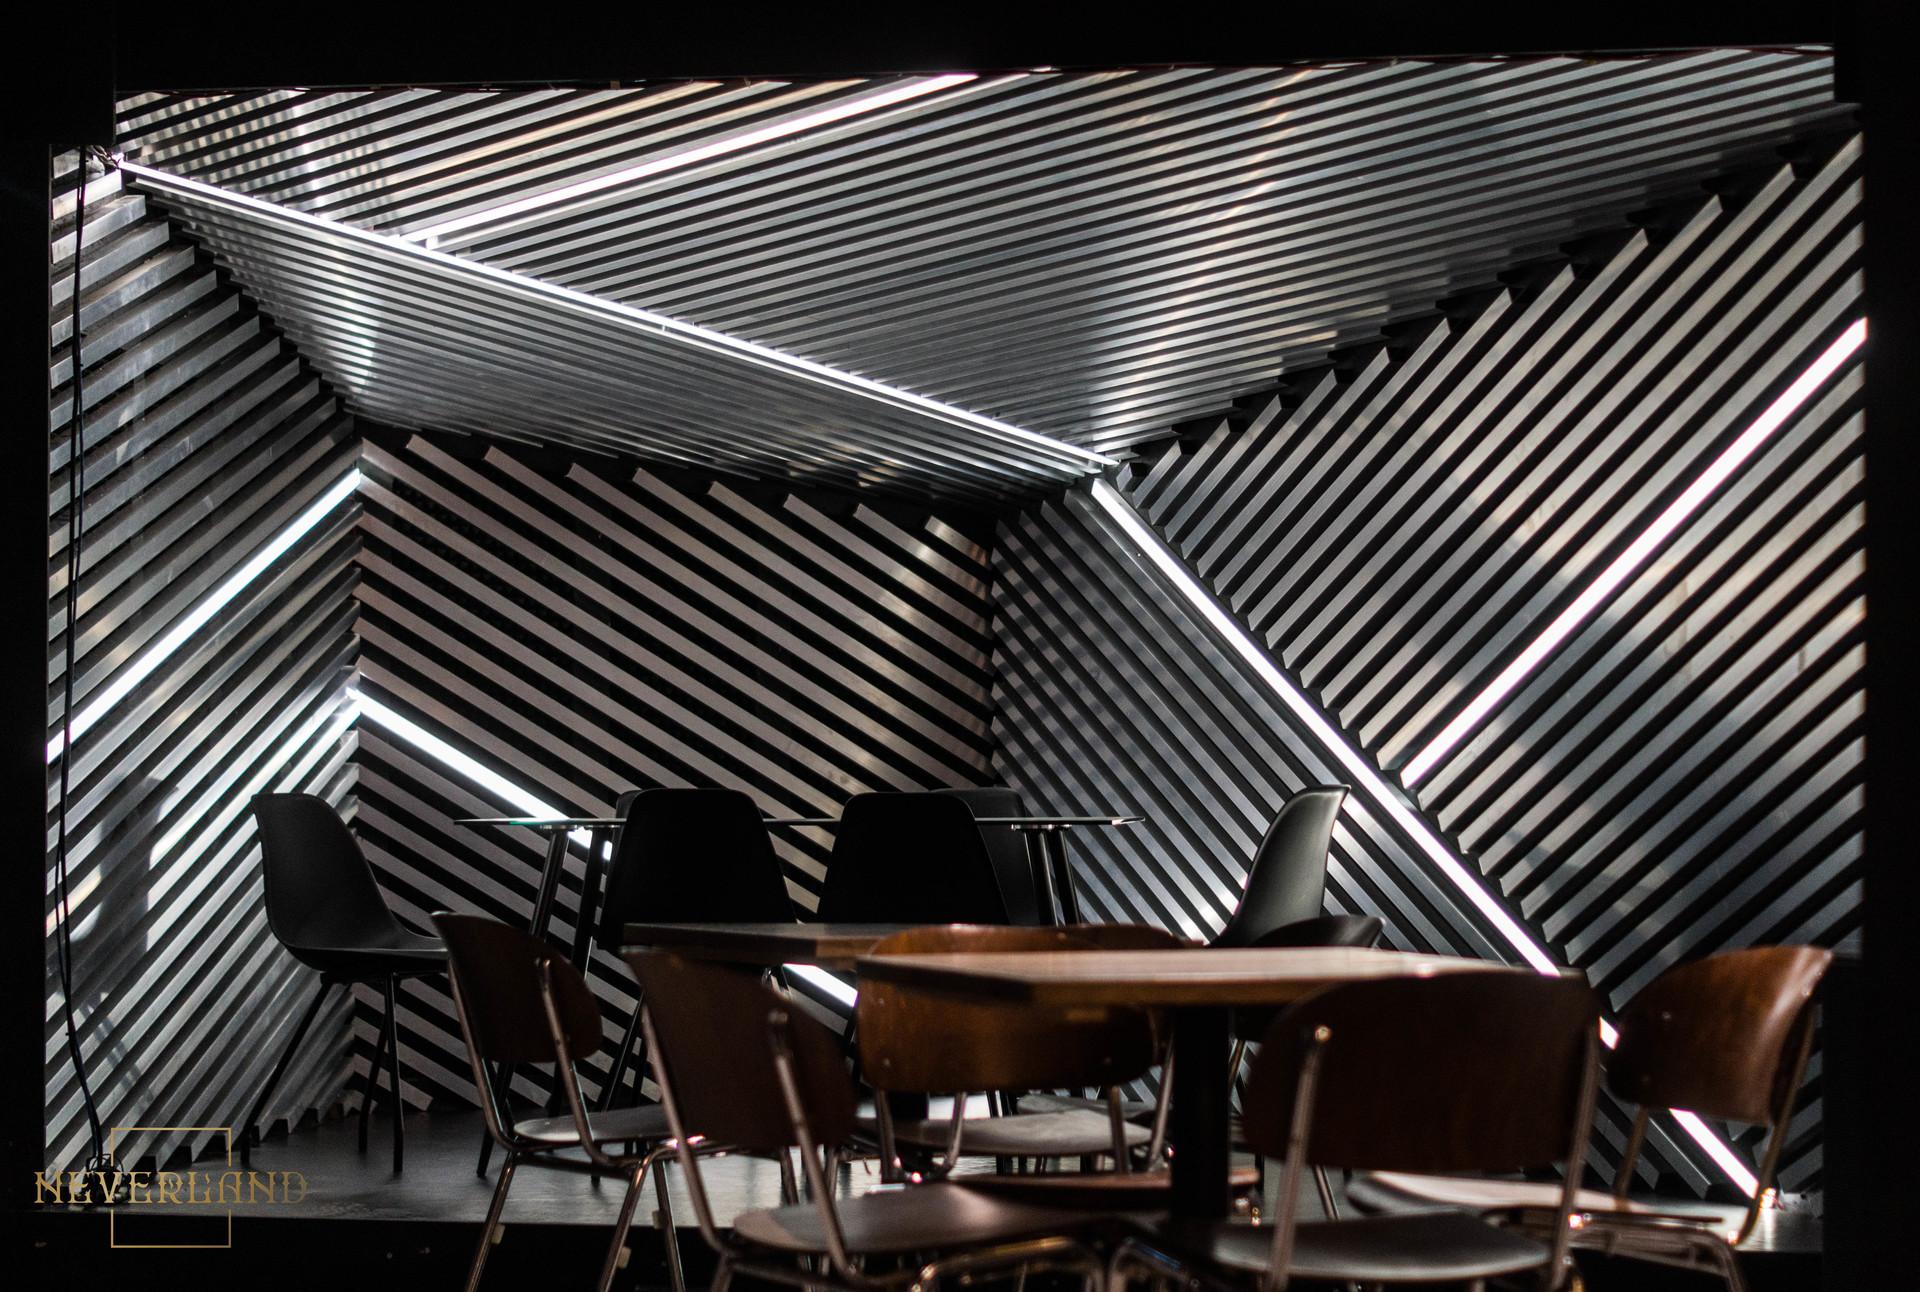 escape-rooms-drinks-place-0ede52026c4102